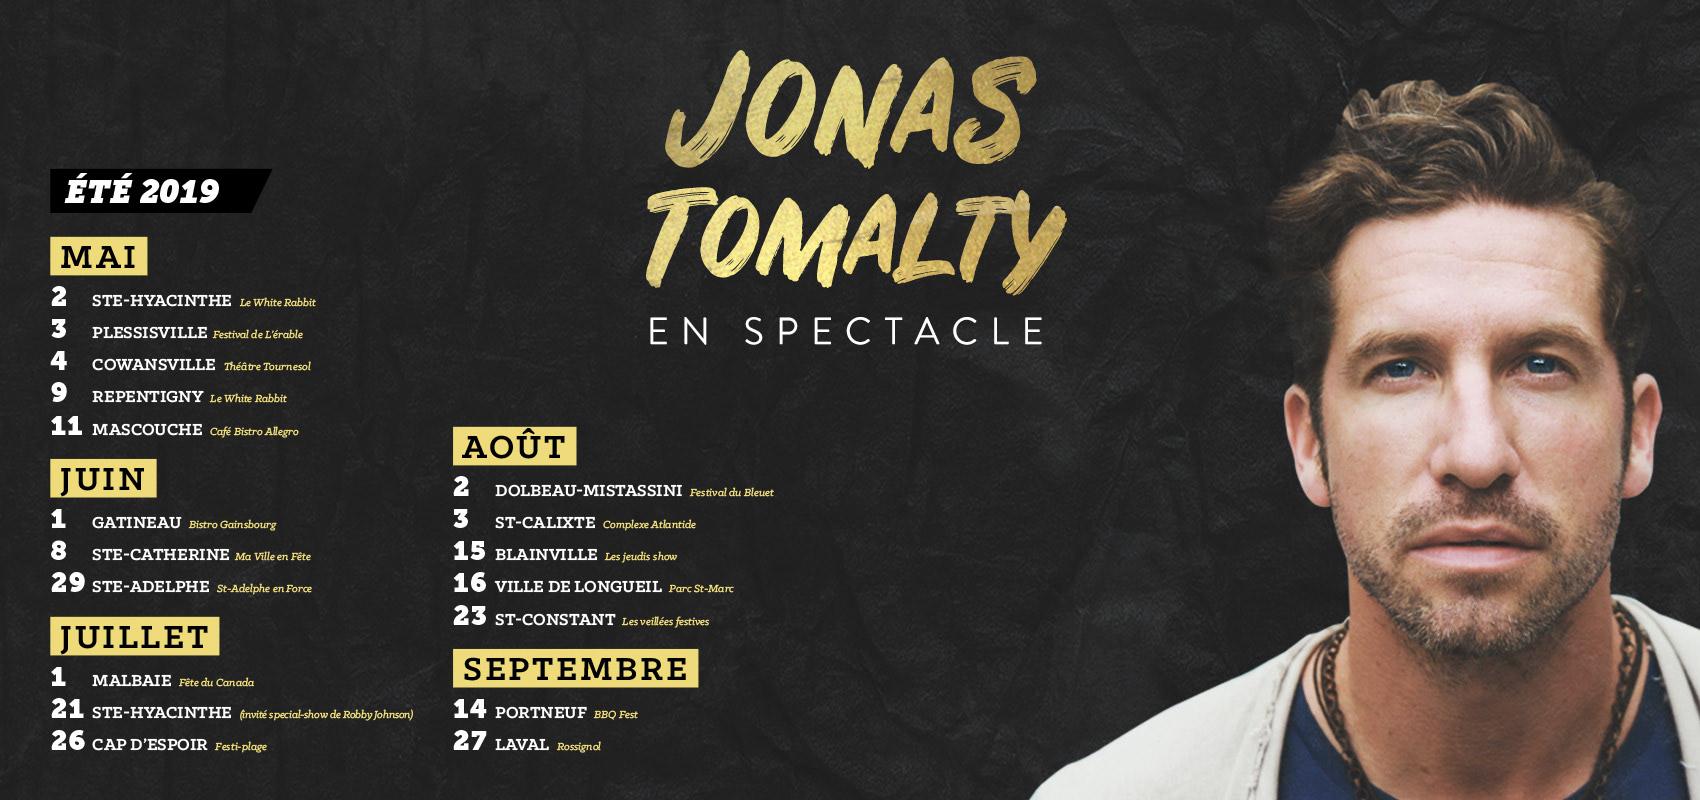 Jonas Tomalty Été 2019